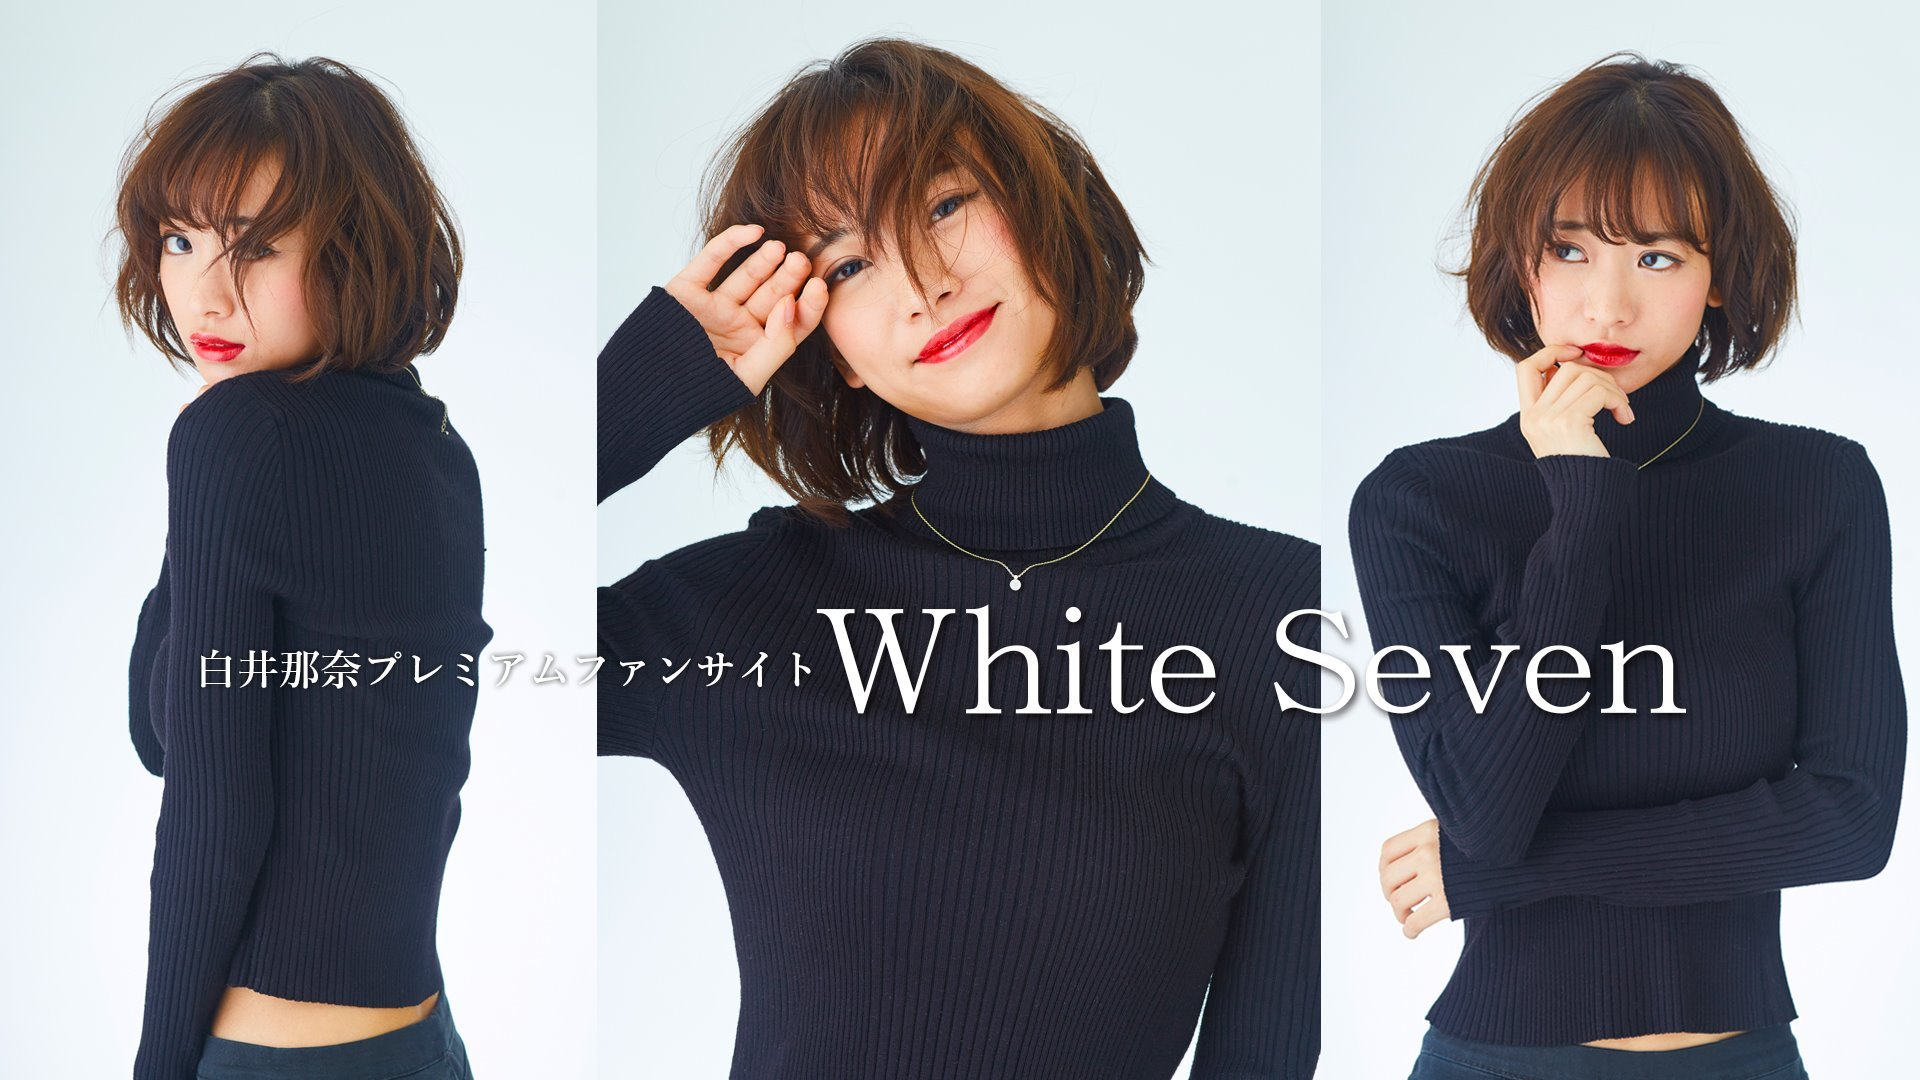 白井那奈 - 白井那奈プレミアムファンサイト White Seven - DMM オンラインサロン